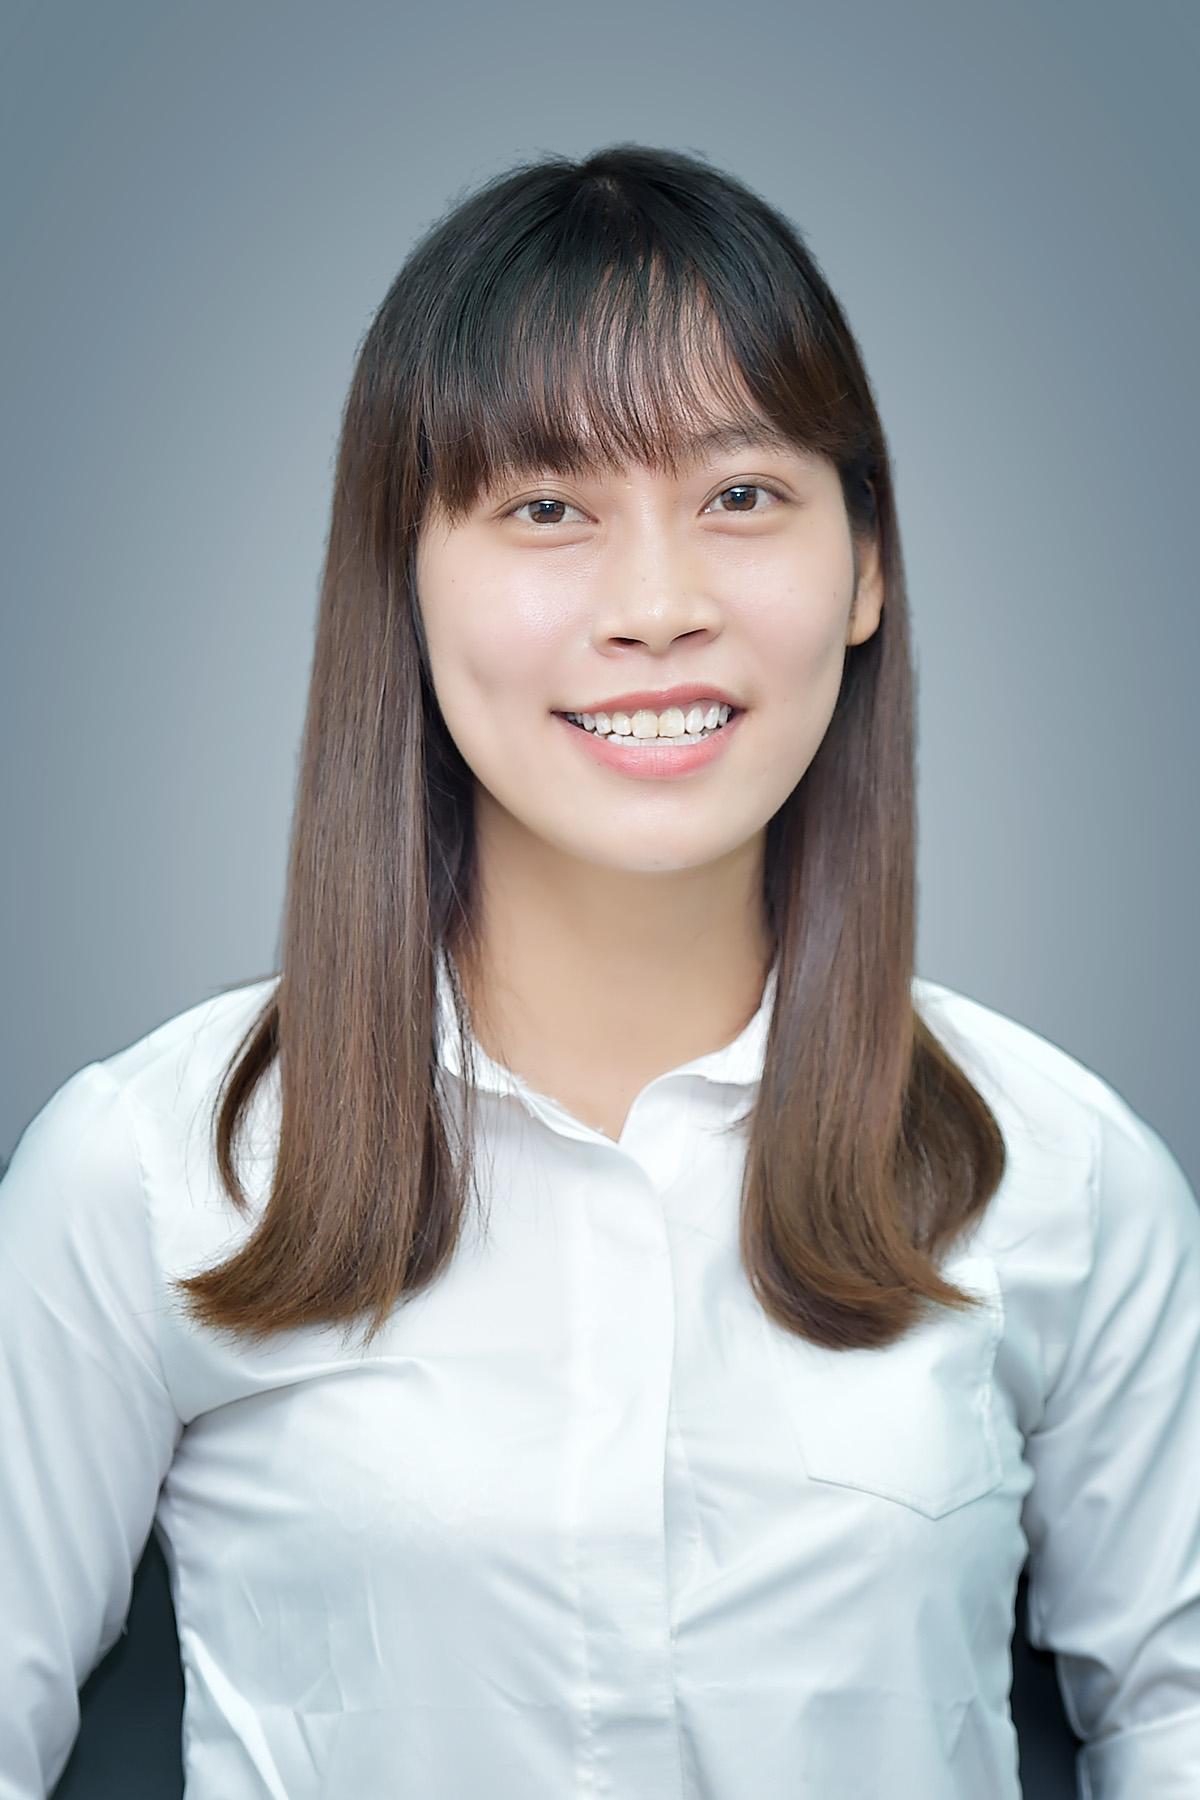 Ms Thi Huong Nguyen